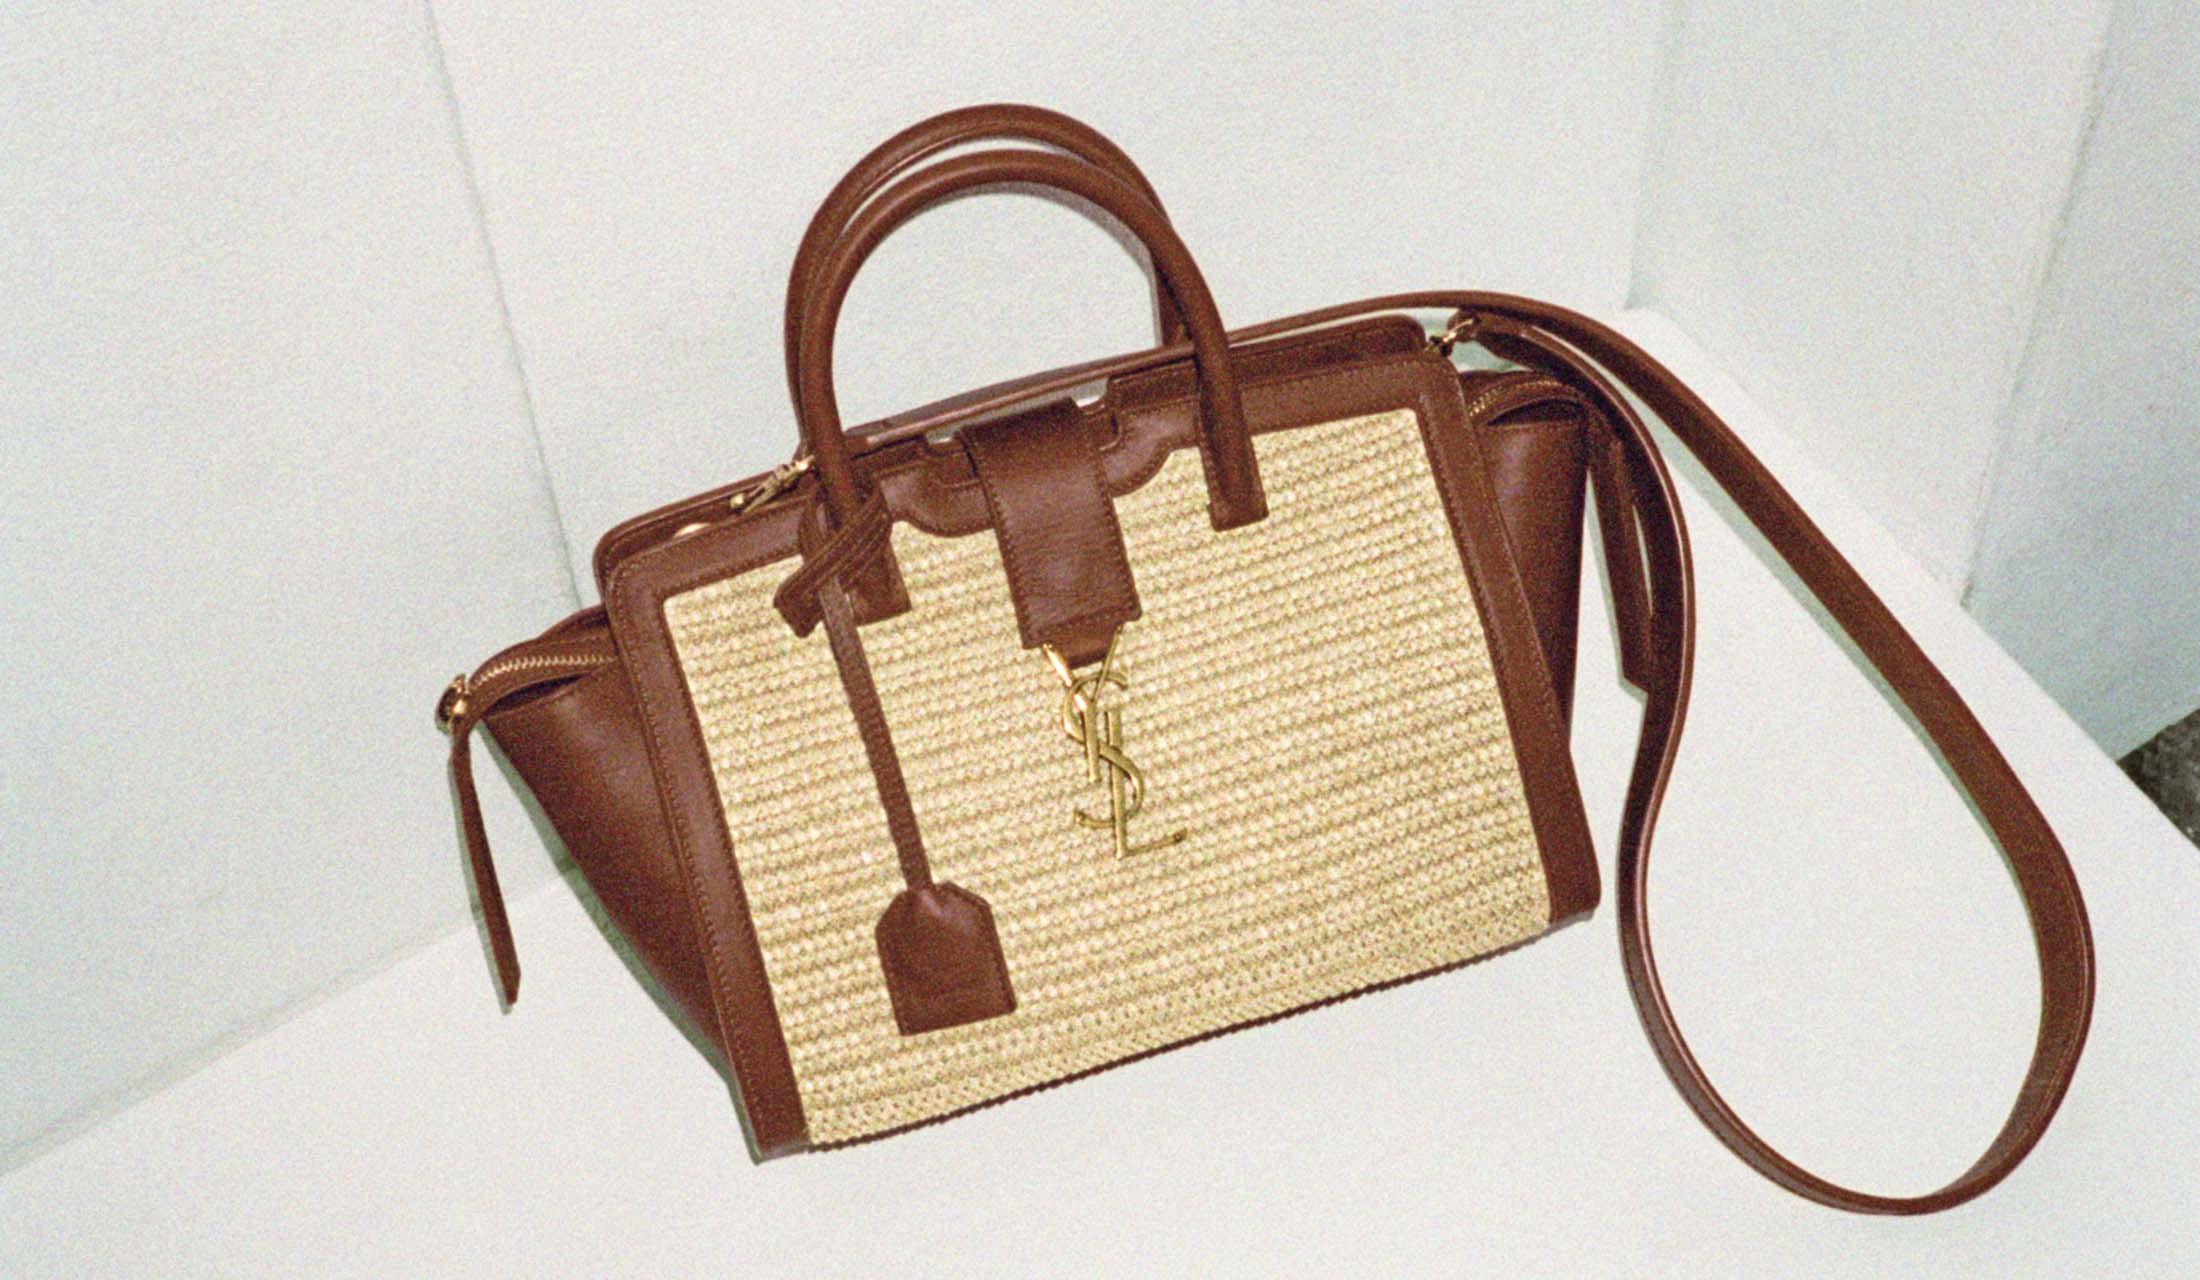 サンローランの日本限定カプセルコレクションのバッグ